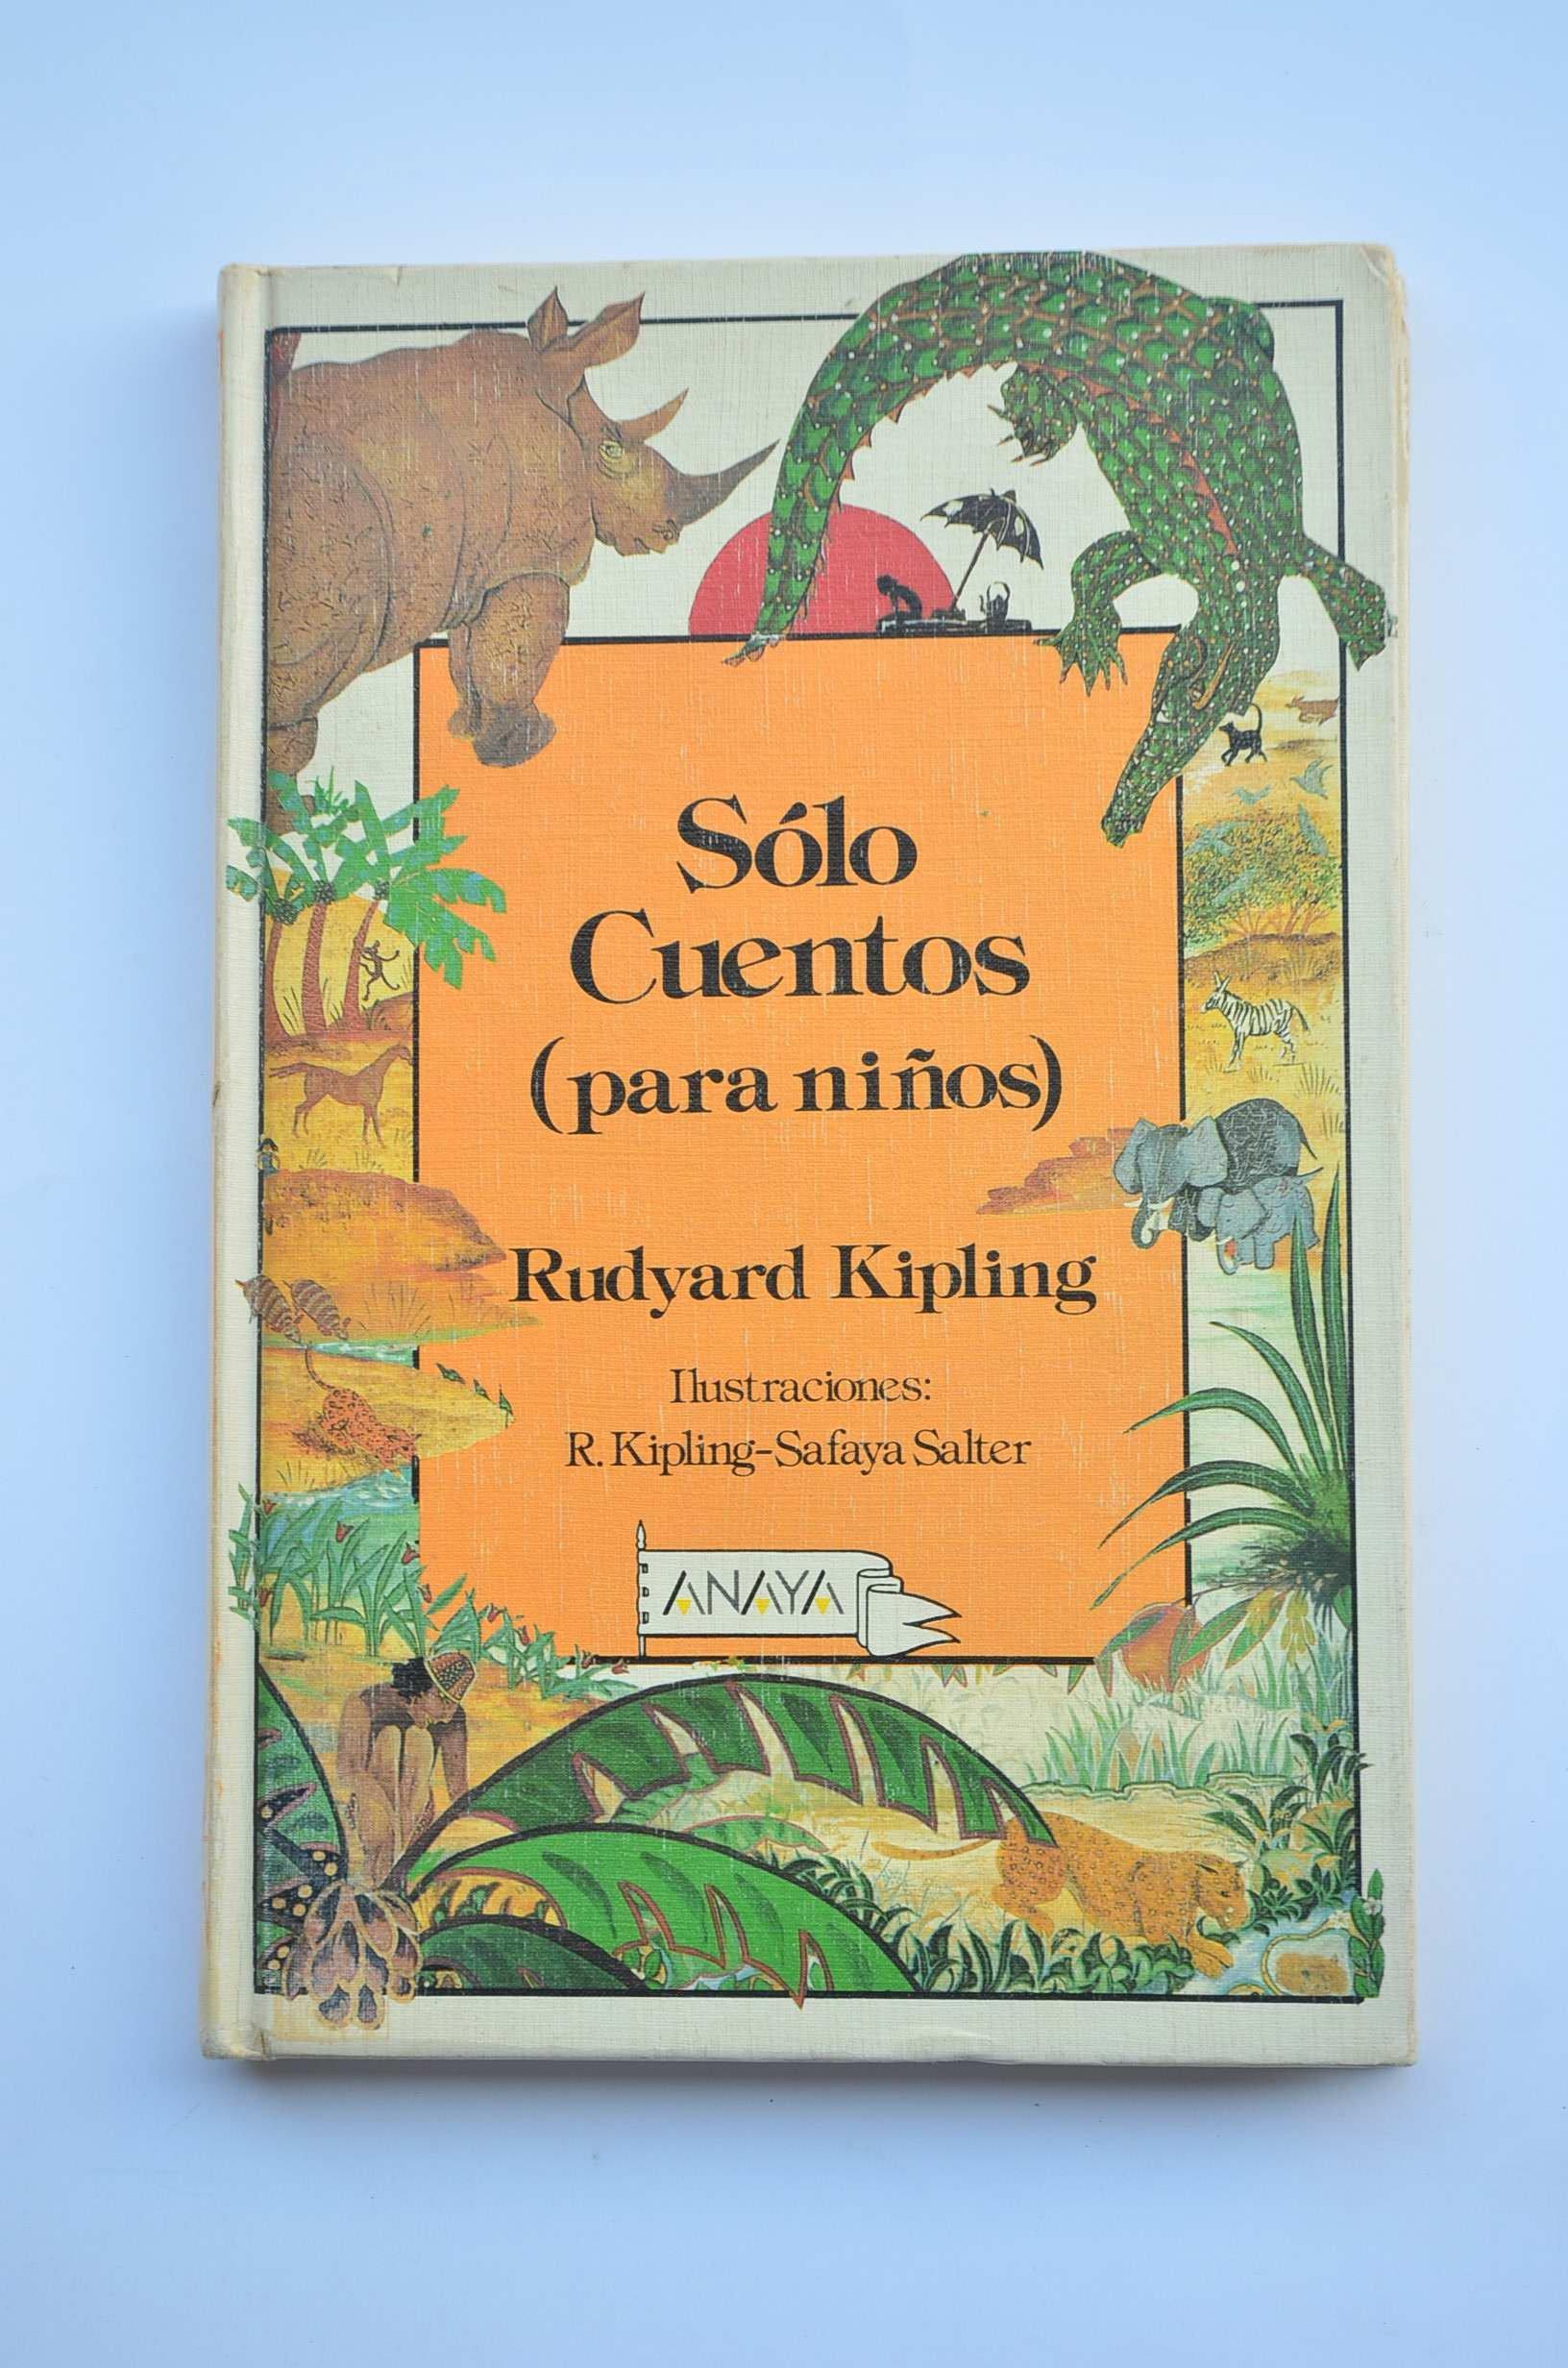 amenaza pasión Imbécil  Solo Cuentos (para Niños): Amazon.es: Rudyard Kipling: Libros